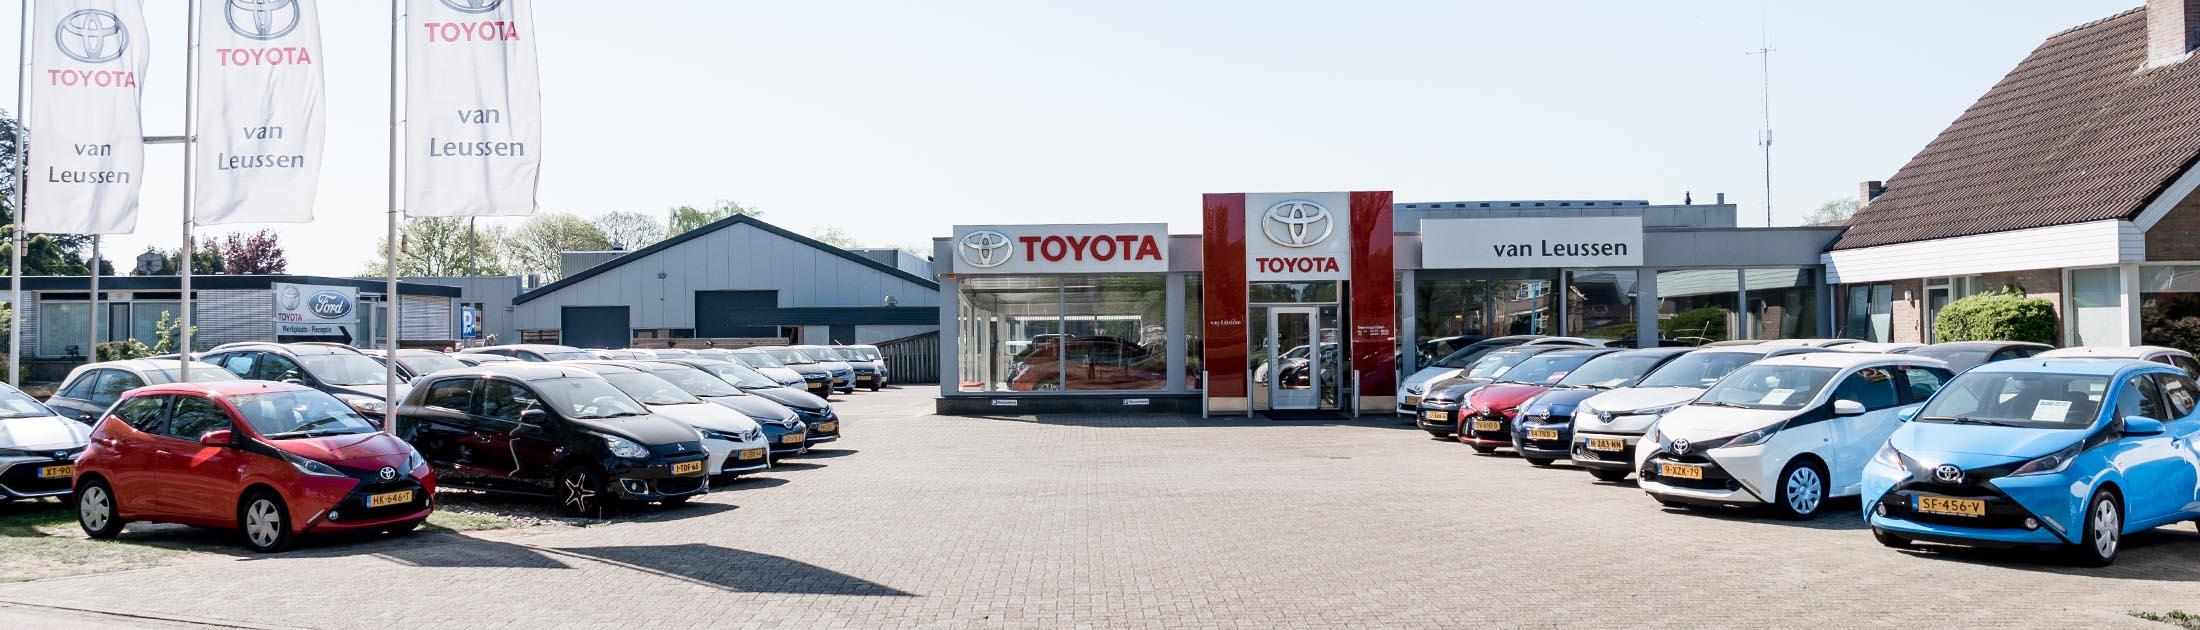 Garage van Leussen Toyota